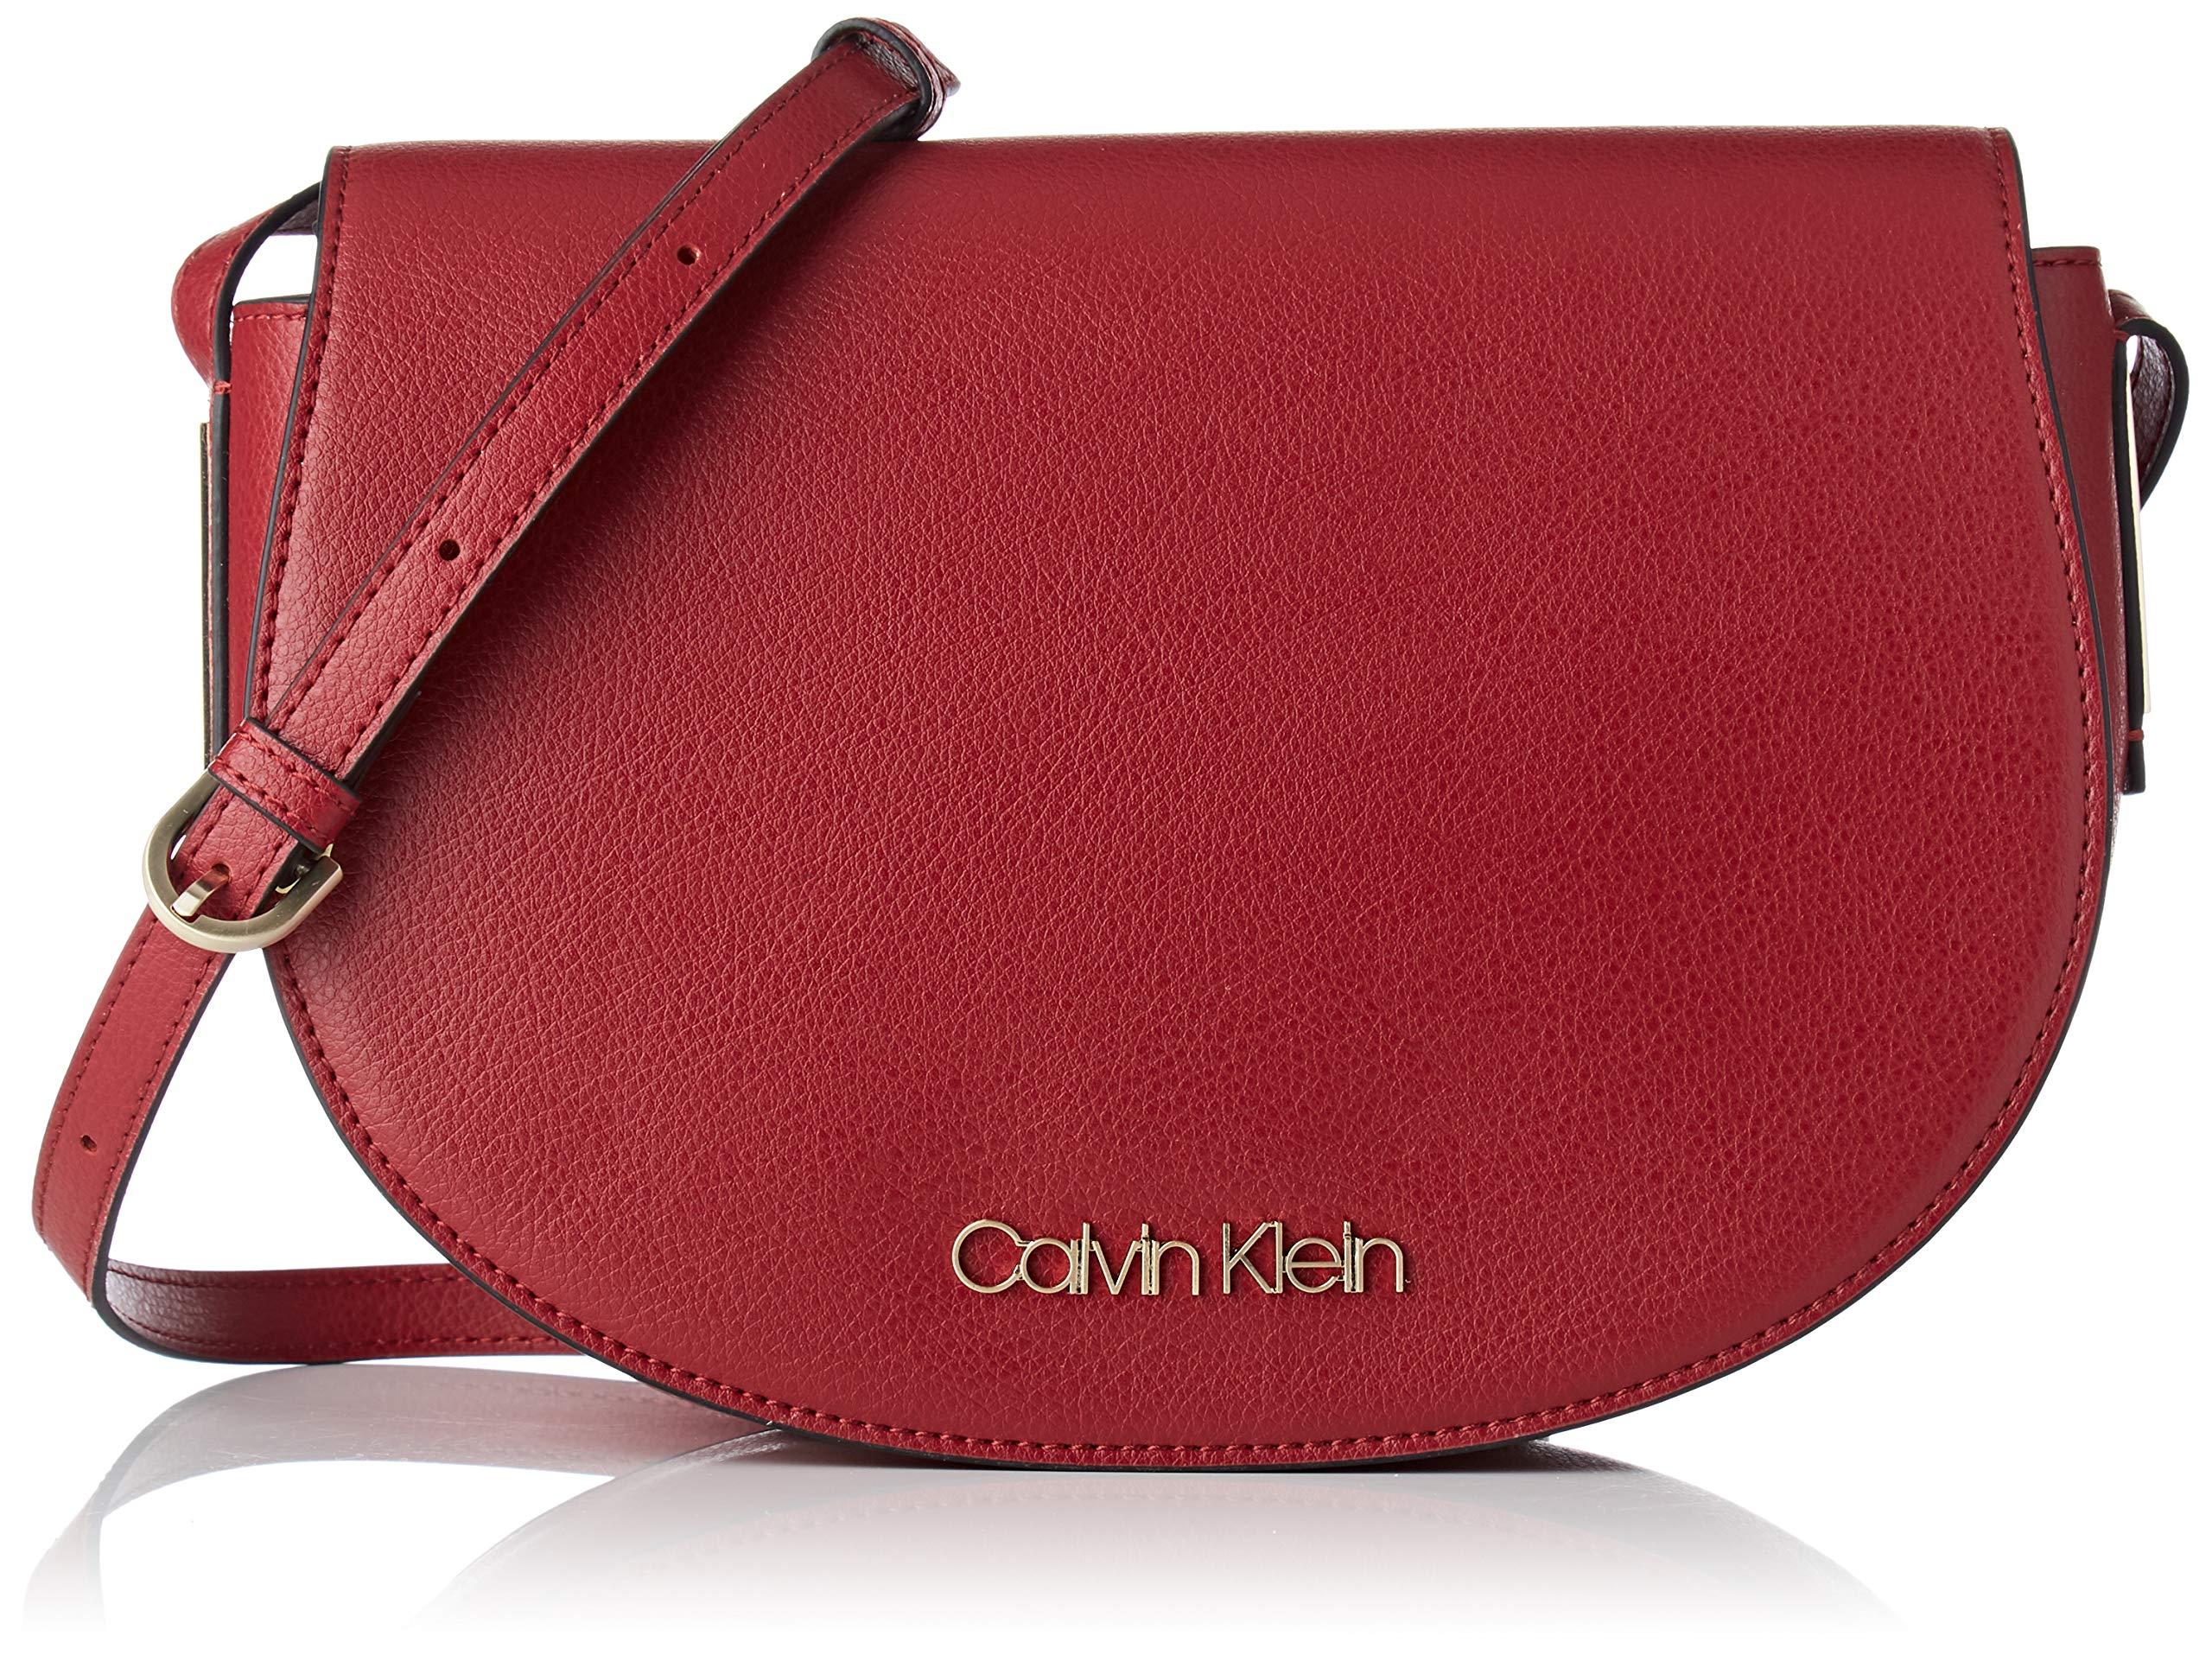 Calvin Klein - Frame Med Saddle Bag 7951b5d40c2